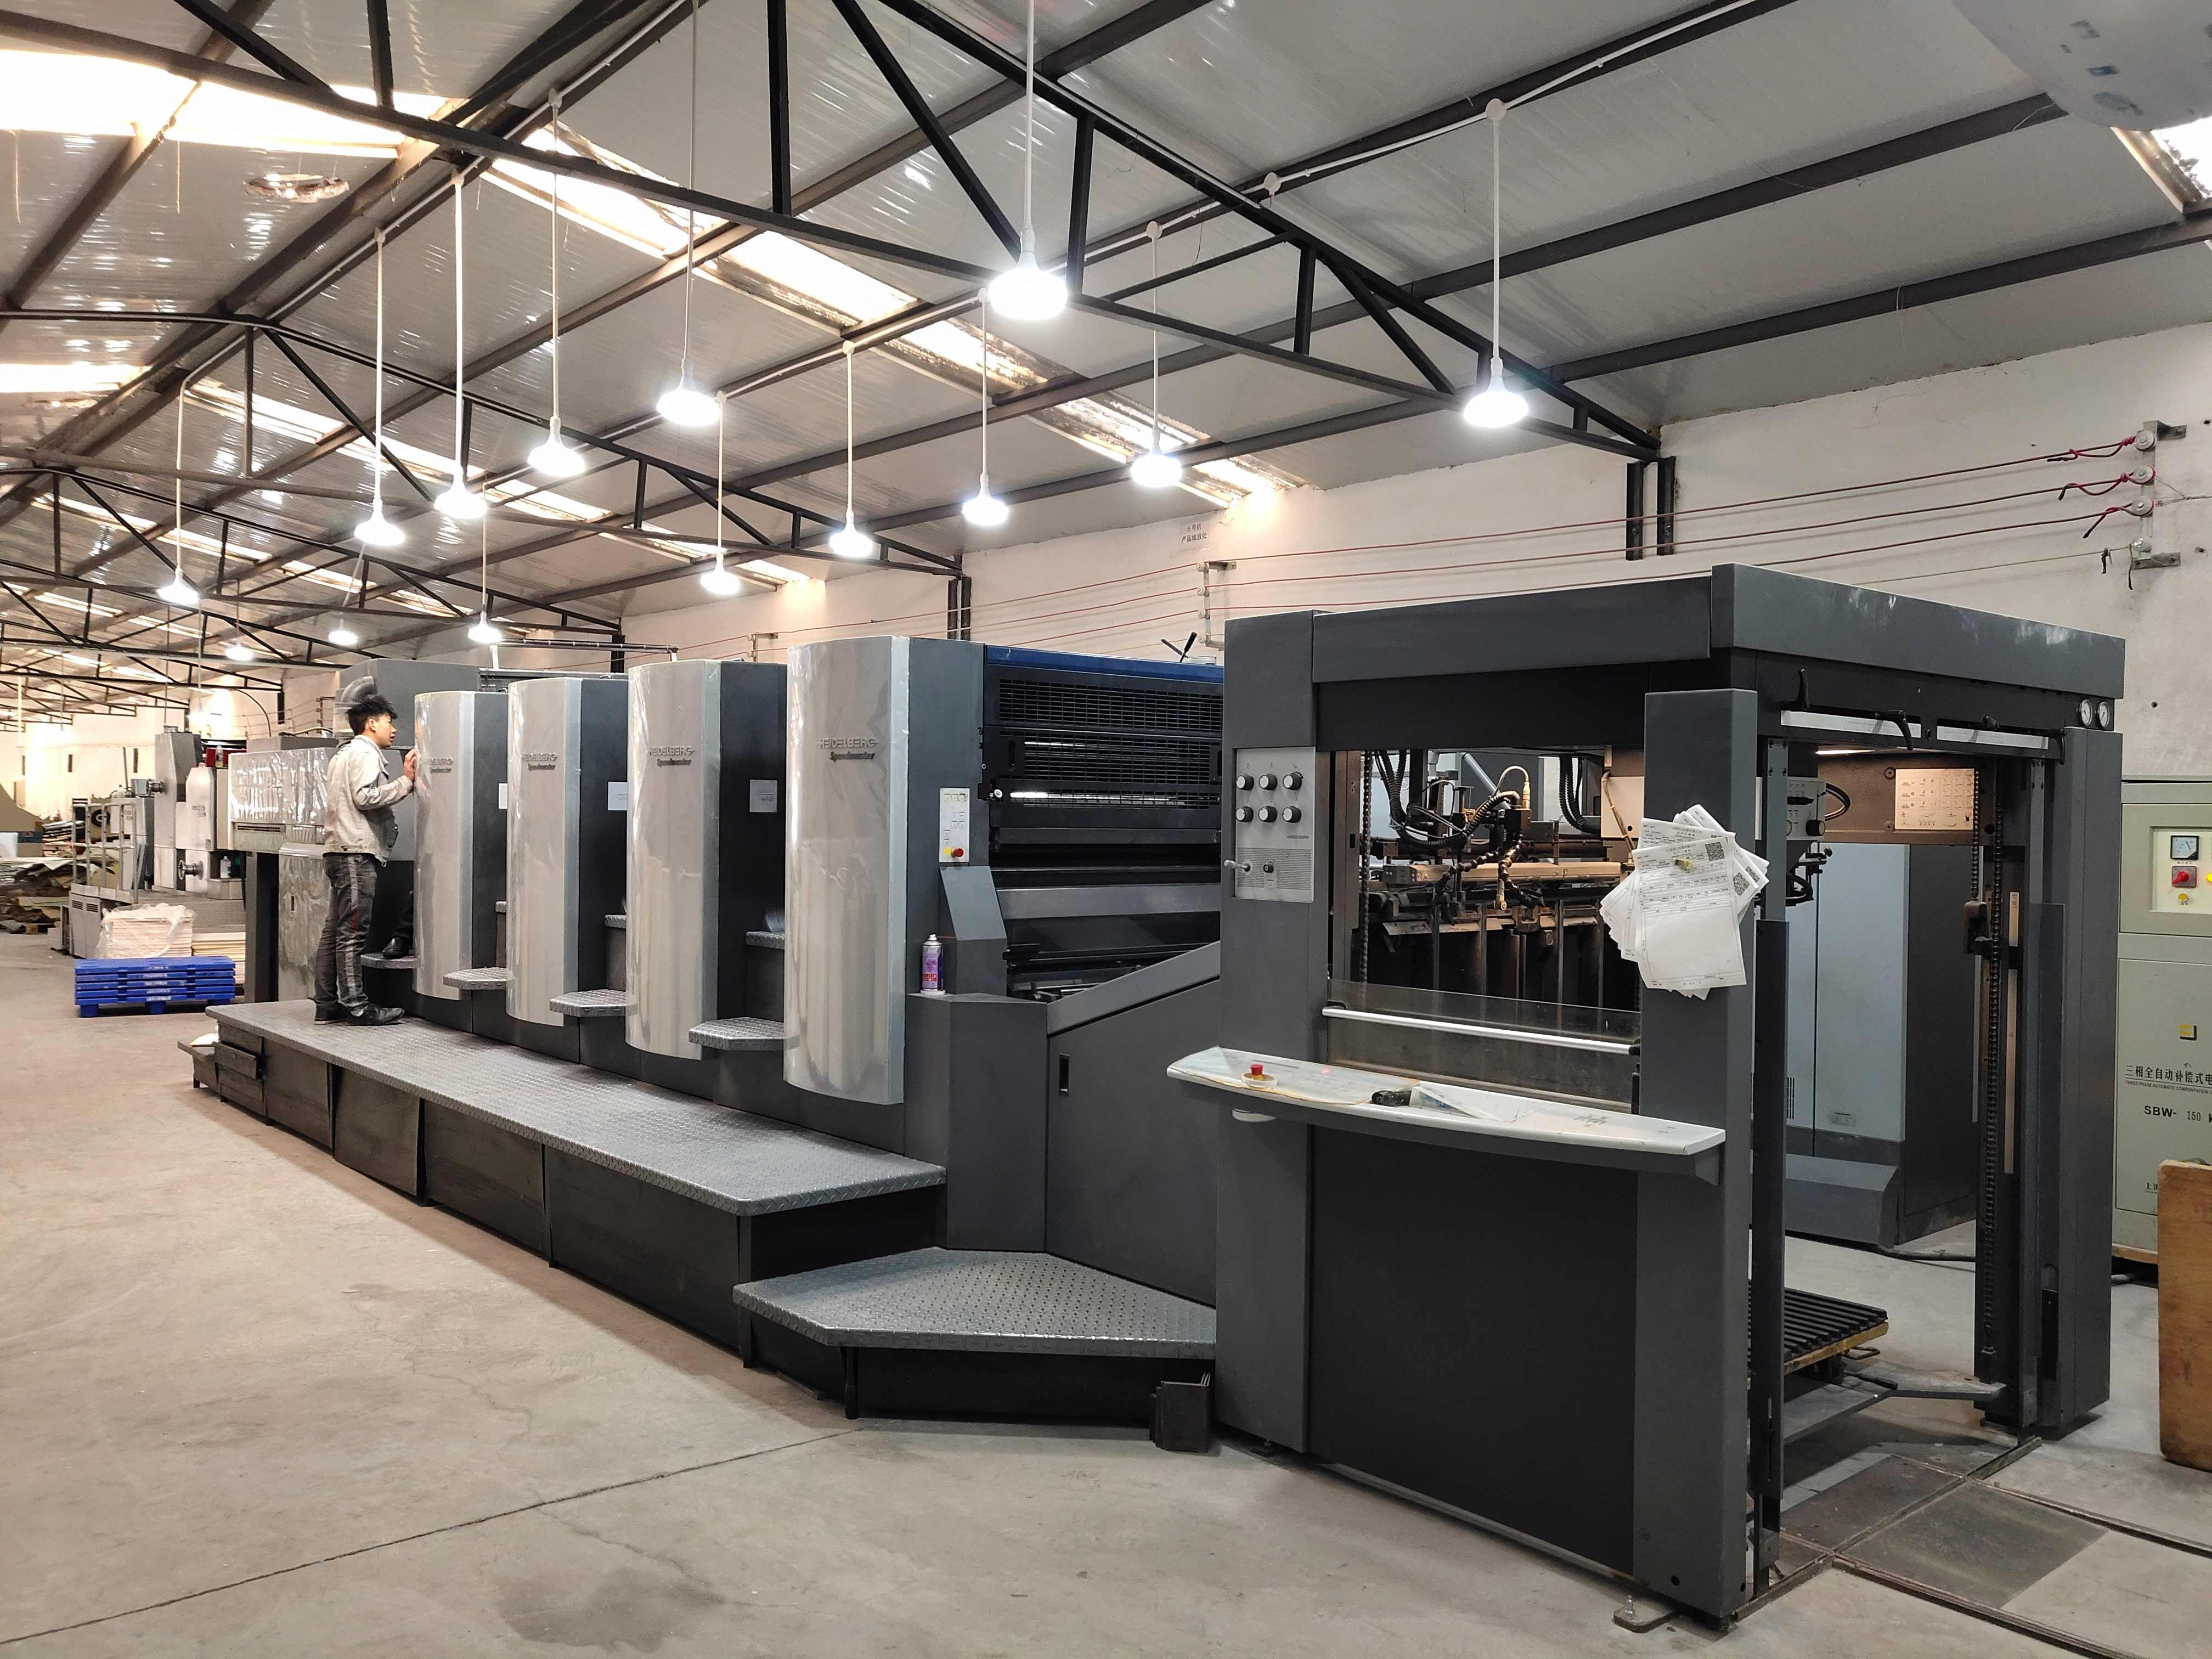 德国进口海德堡印刷设备3